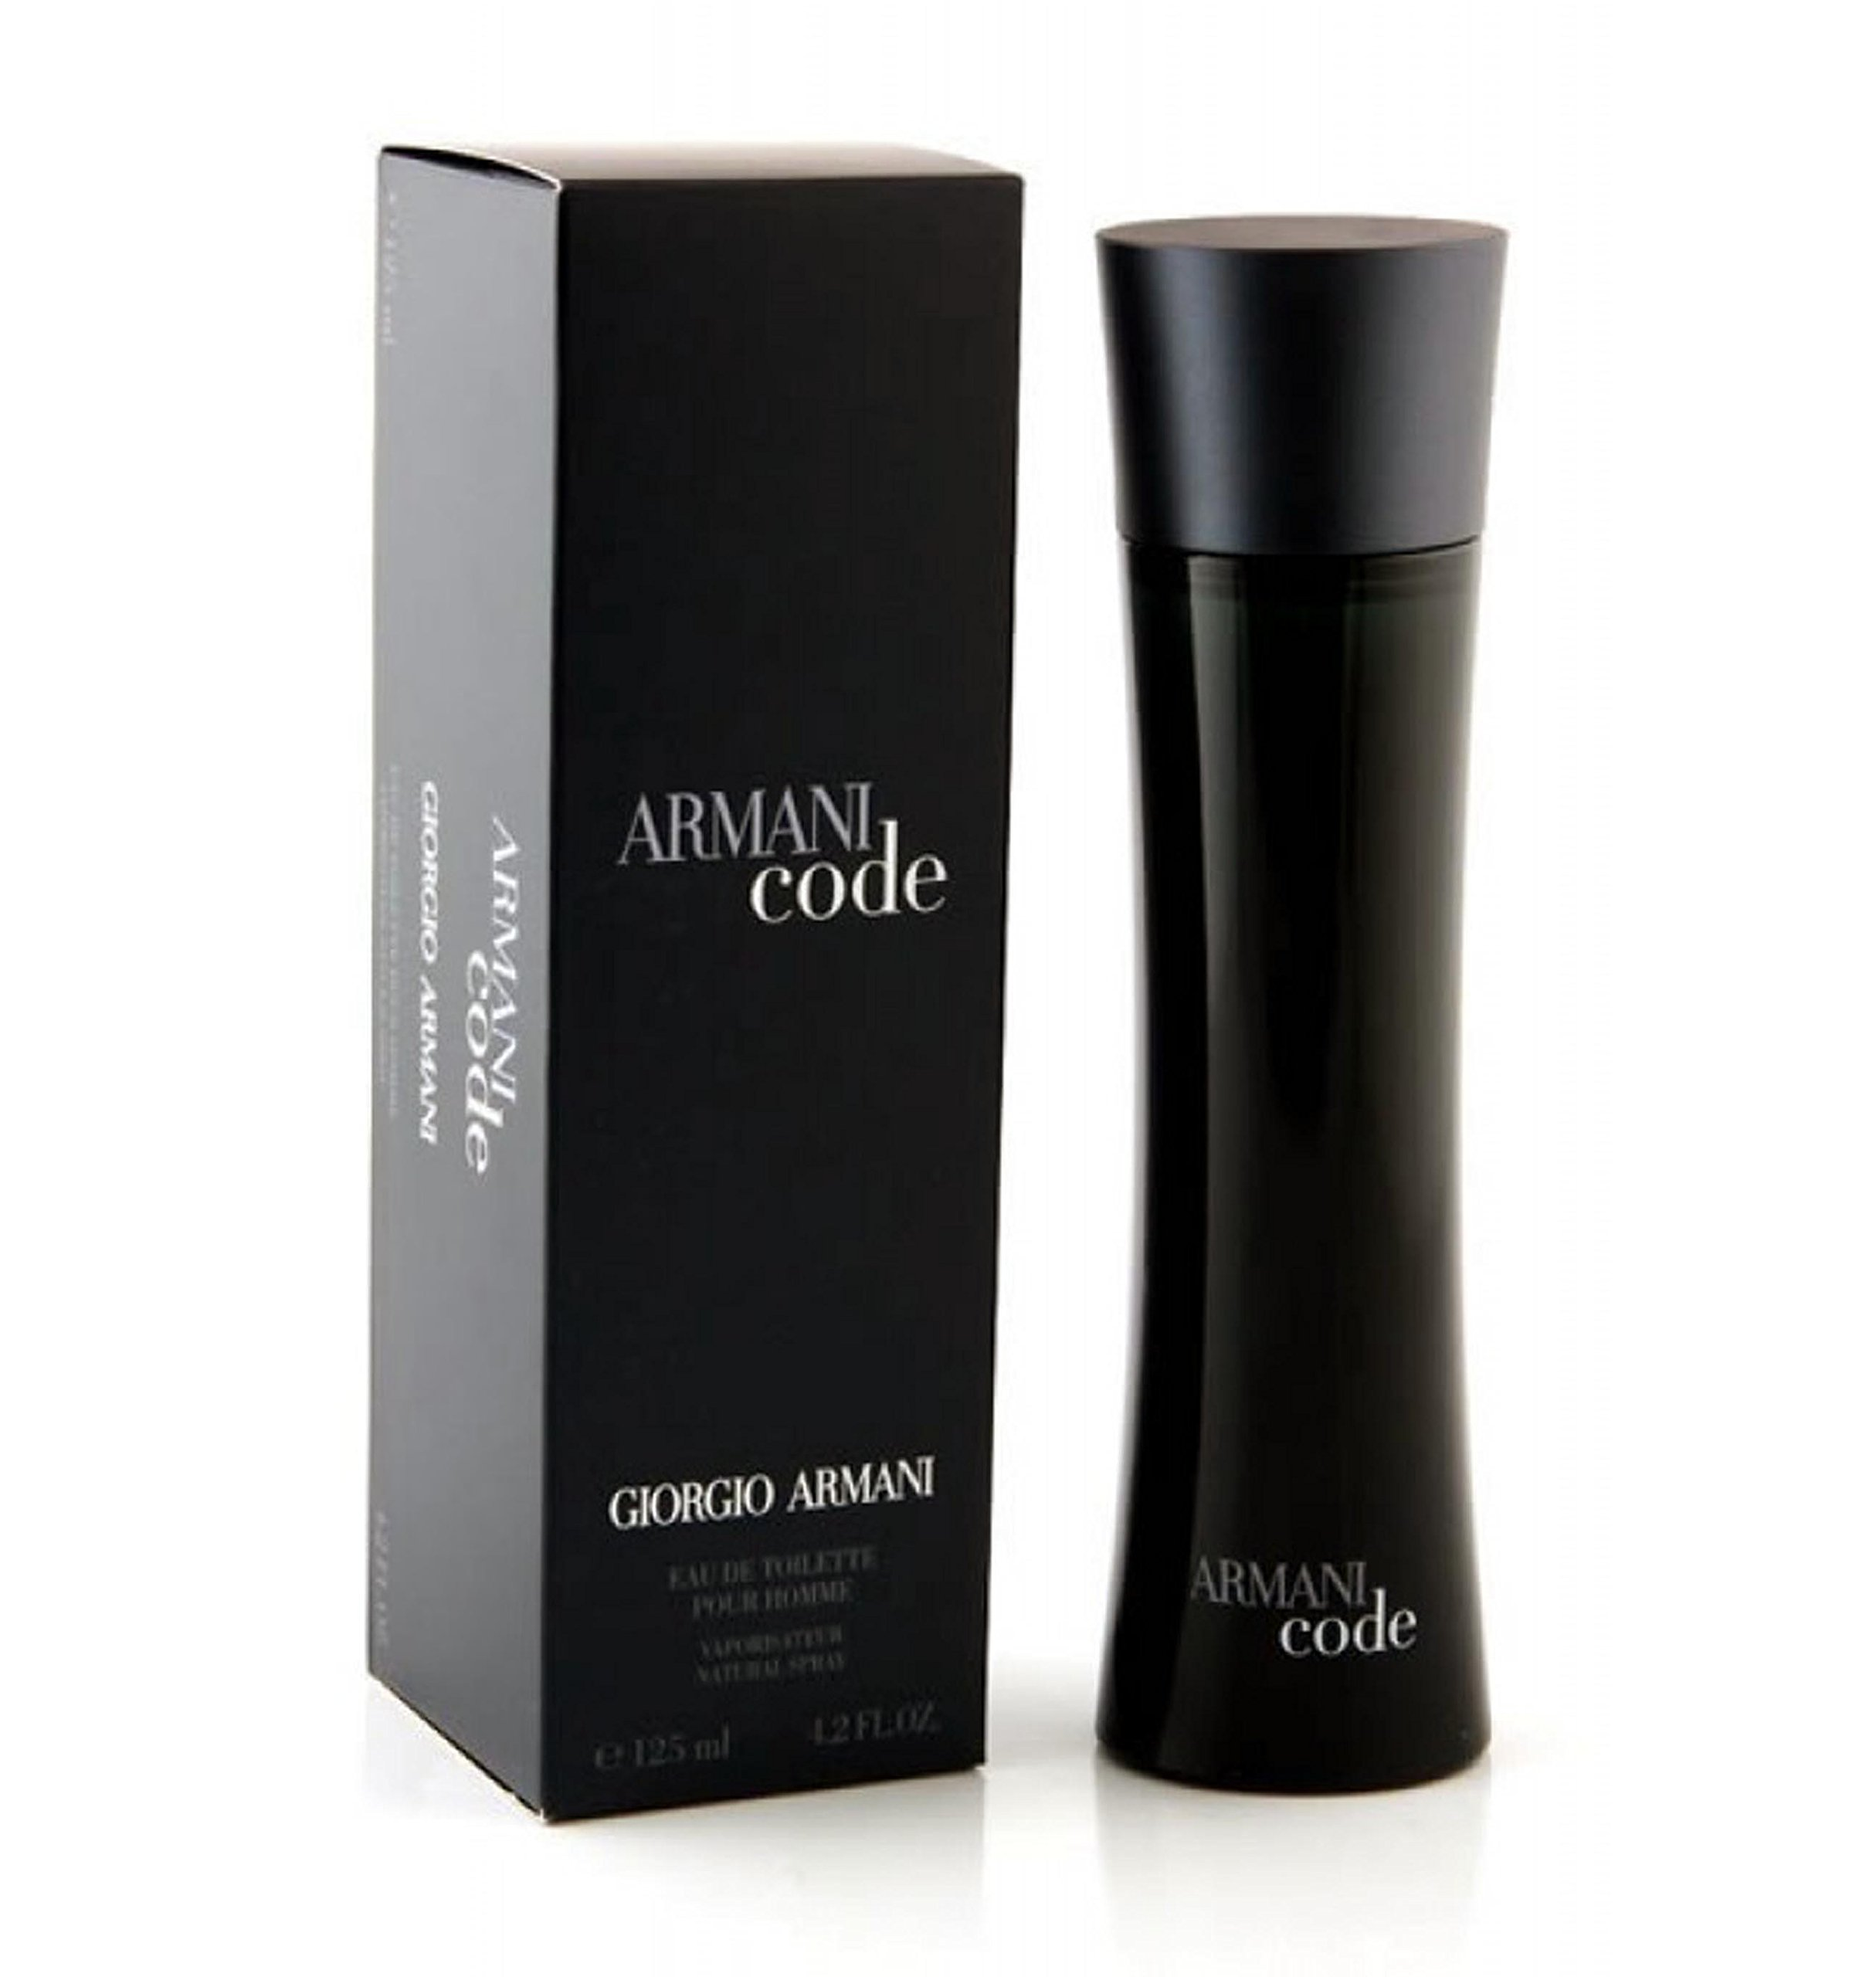 17b255610d4 Amazon.com   Giorgio Armani Armani Code for Men Eau De Toilette Spray